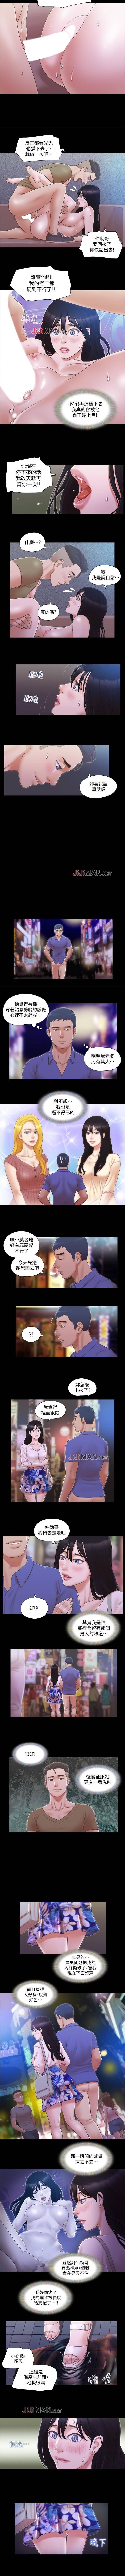 【周五连载】协议换爱(作者:遠德) 第1~57话 121